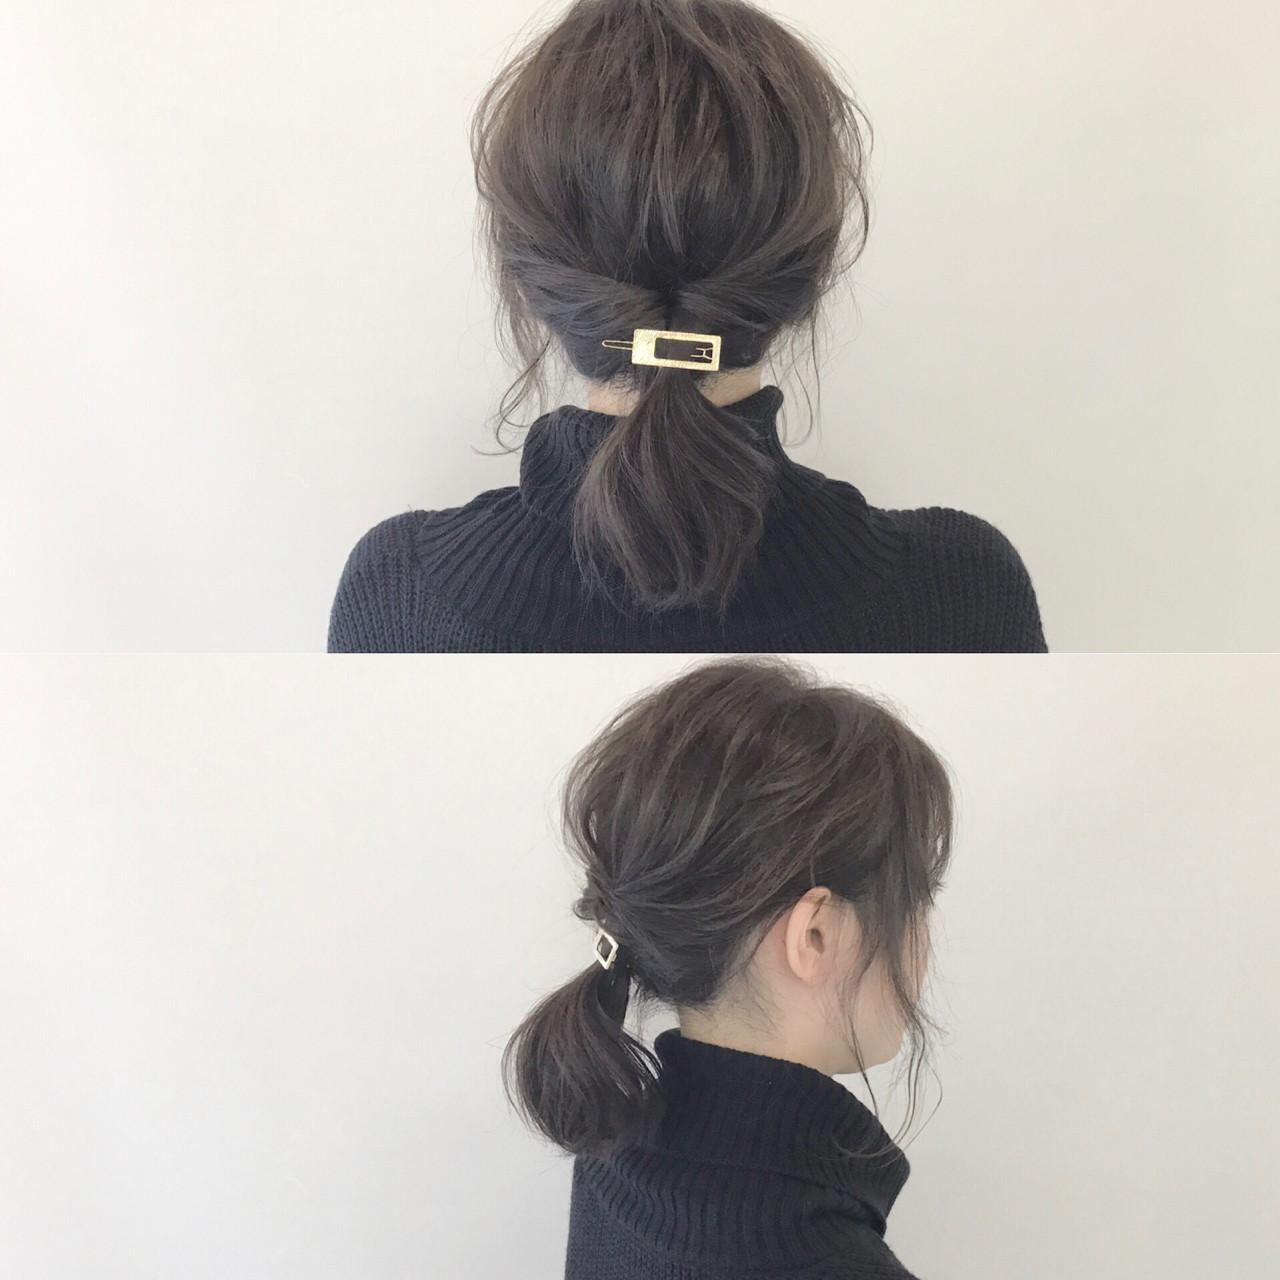 【簡単】オフィス向けセミロングの結び方ガイド♪きれいめまとめ髪で上品に 新谷 朋宏